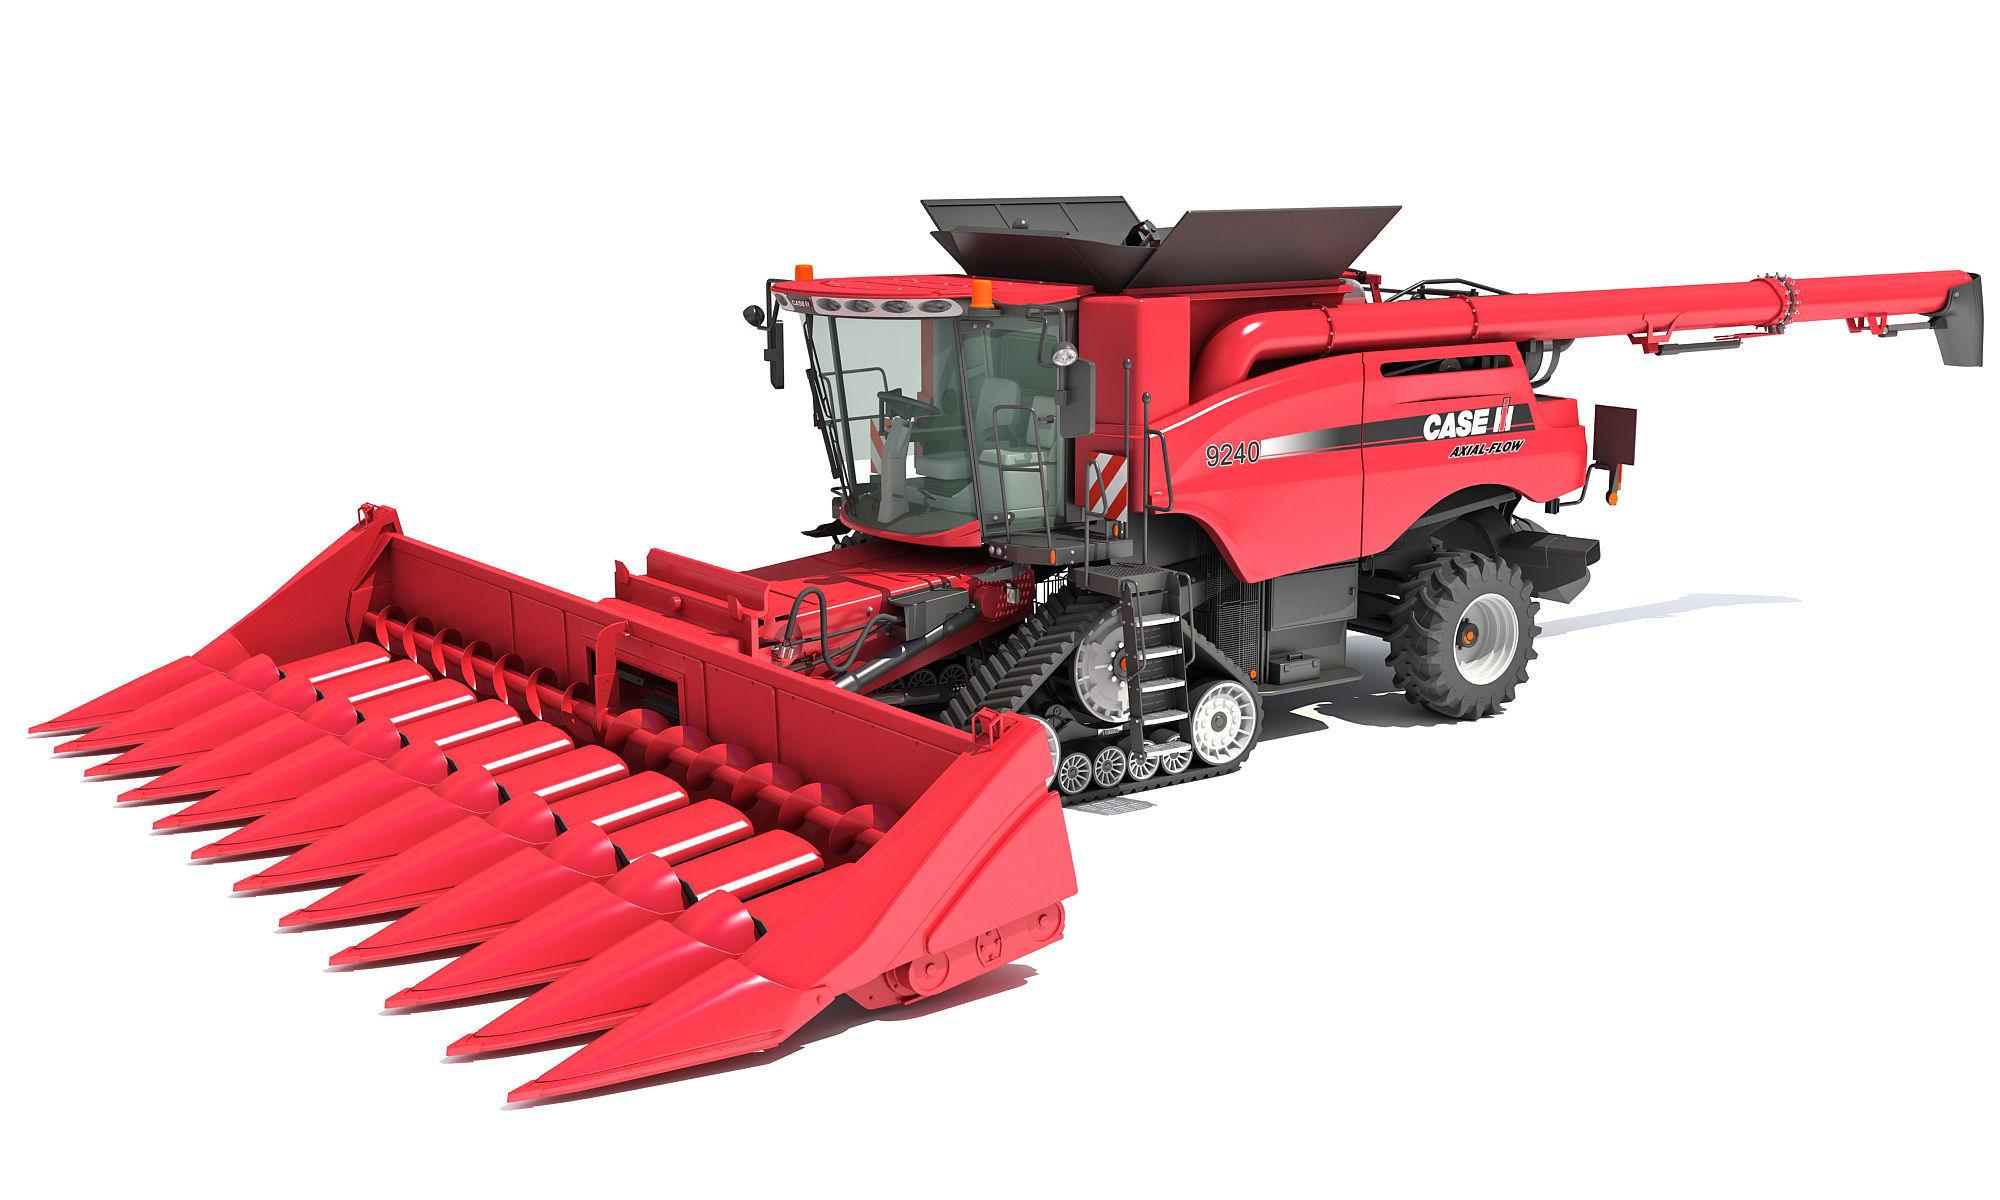 Case Corn Combine Harvester